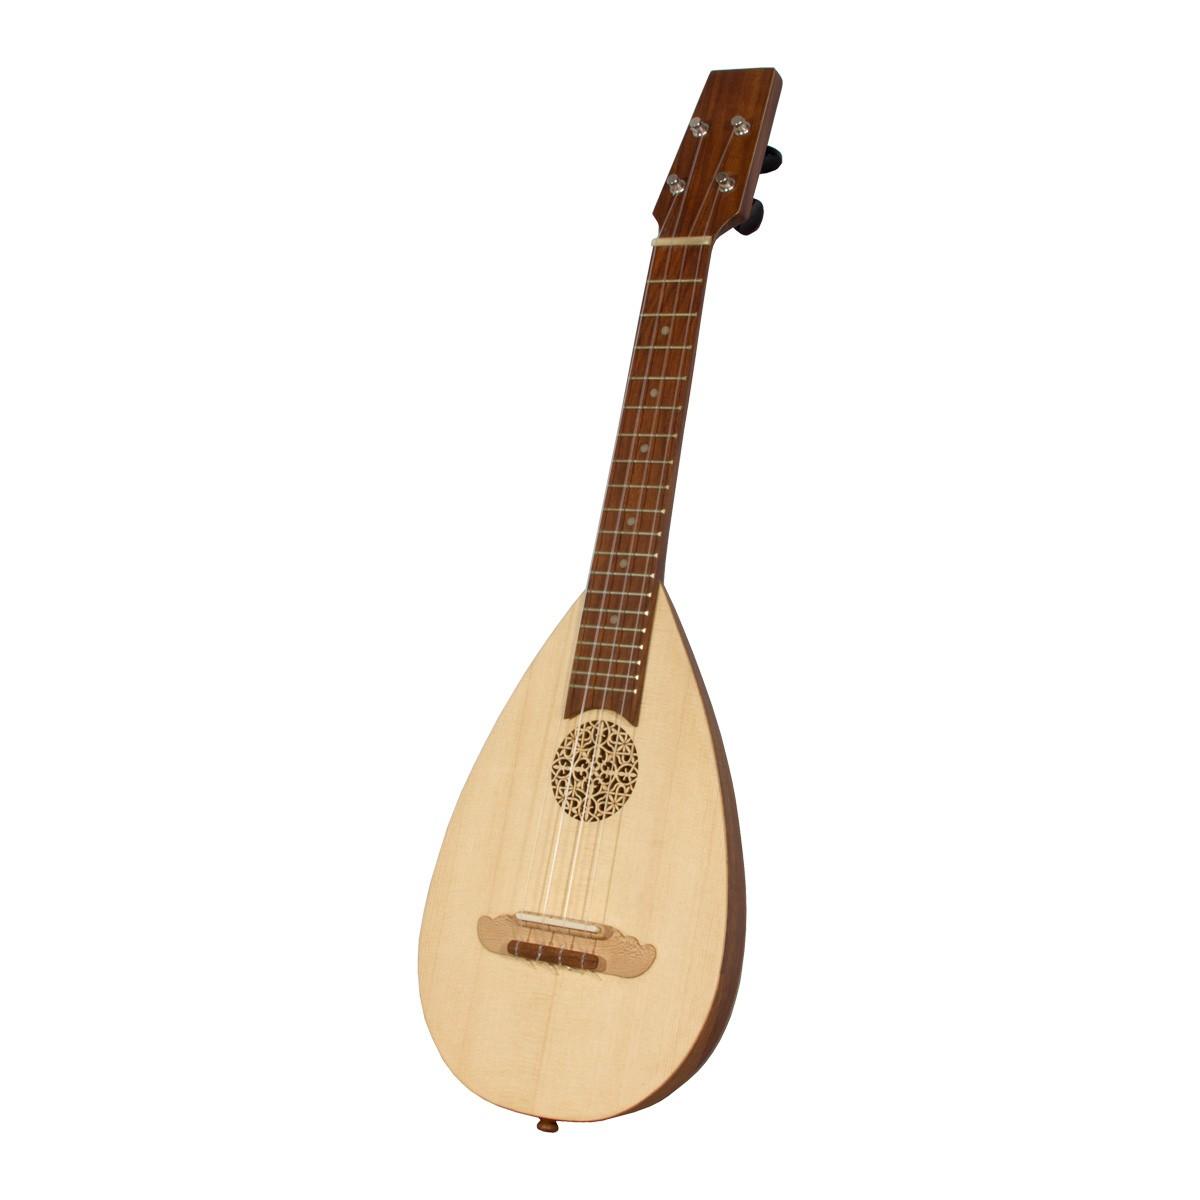 Roosebeck Concert Baroq-ulele Sheesham w/ Tuners